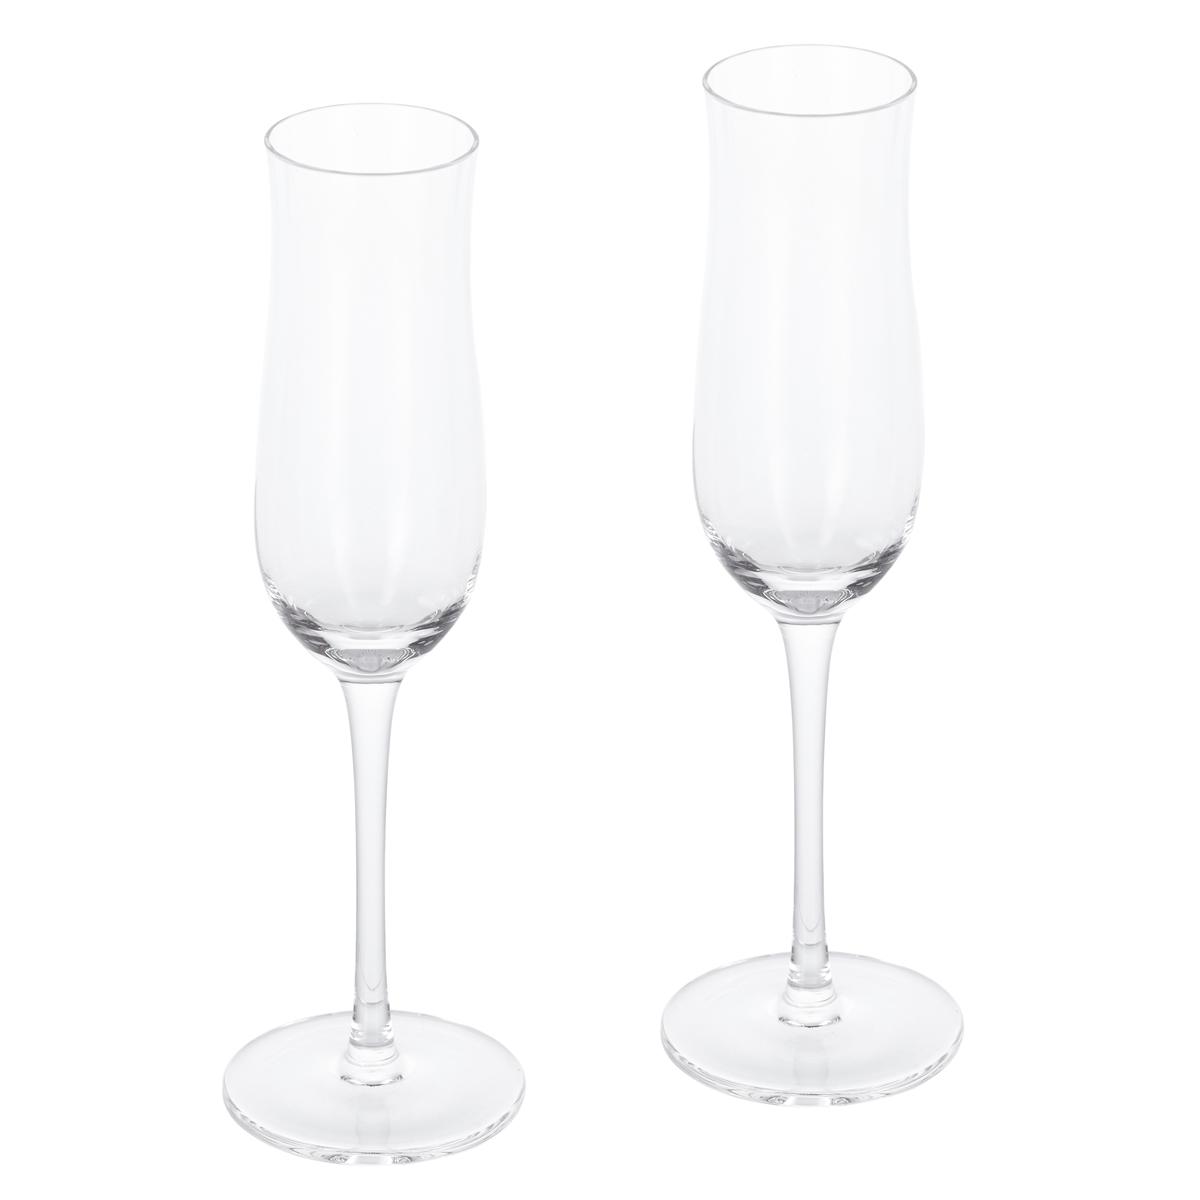 Набор фужеров для шампанского Gipfel TULIP 42221 2шт набор фужеров для шампанского vivino хрустальное стекло 4 шт 95864 nachtmann